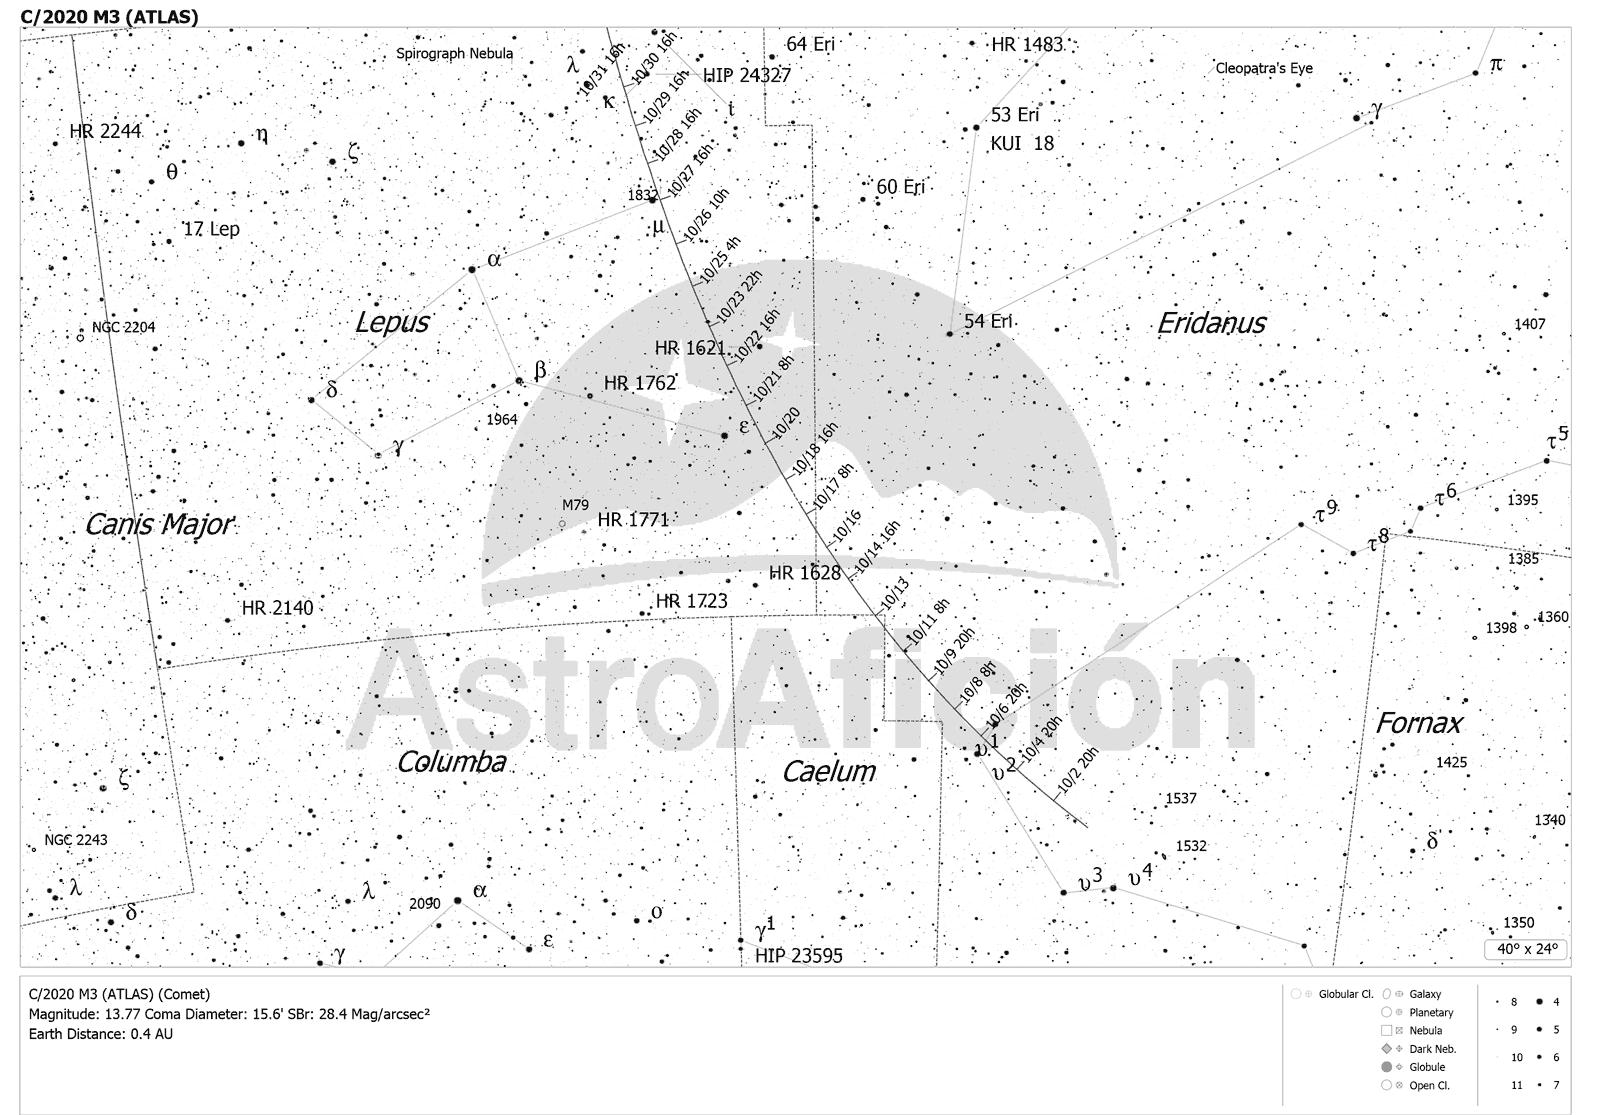 Carta de localización del cometa C/2020 M3 (ATLAS) en octubre de 2020